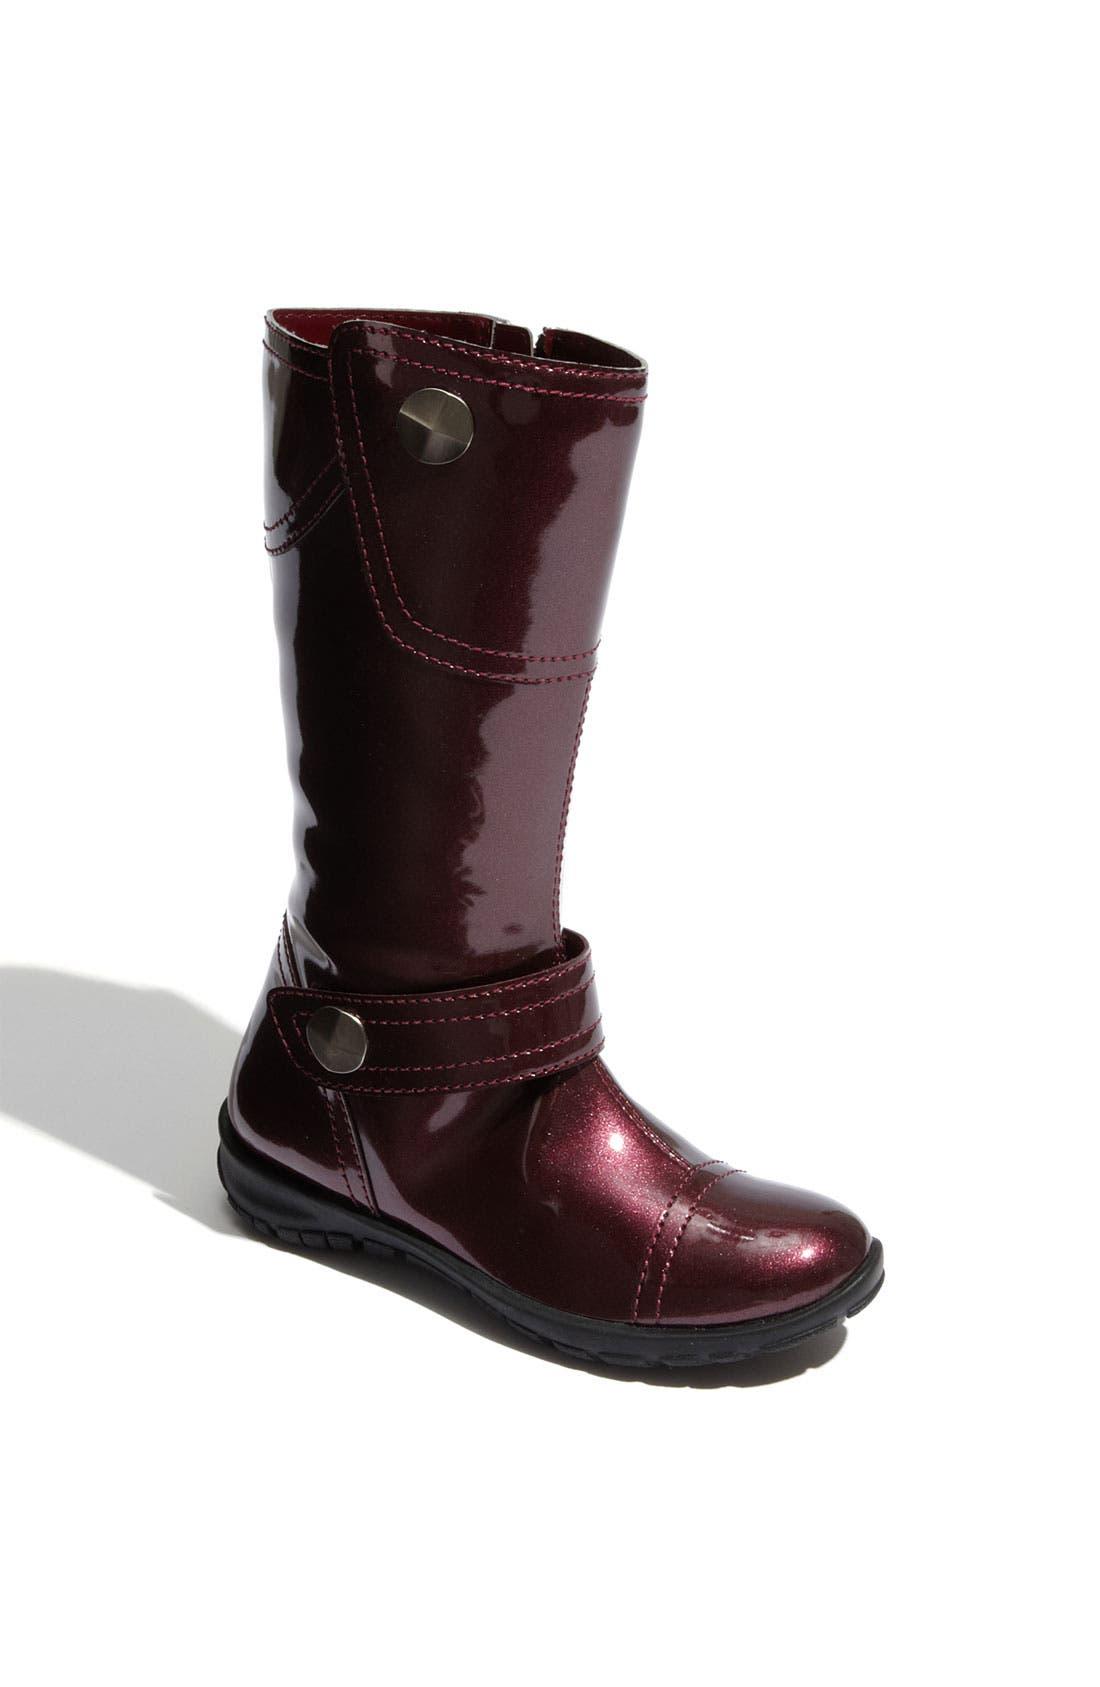 Alternate Image 1 Selected - Nordstrom 'Casey' Boot (Walker, Toddler, Little Kid & Big Kid)